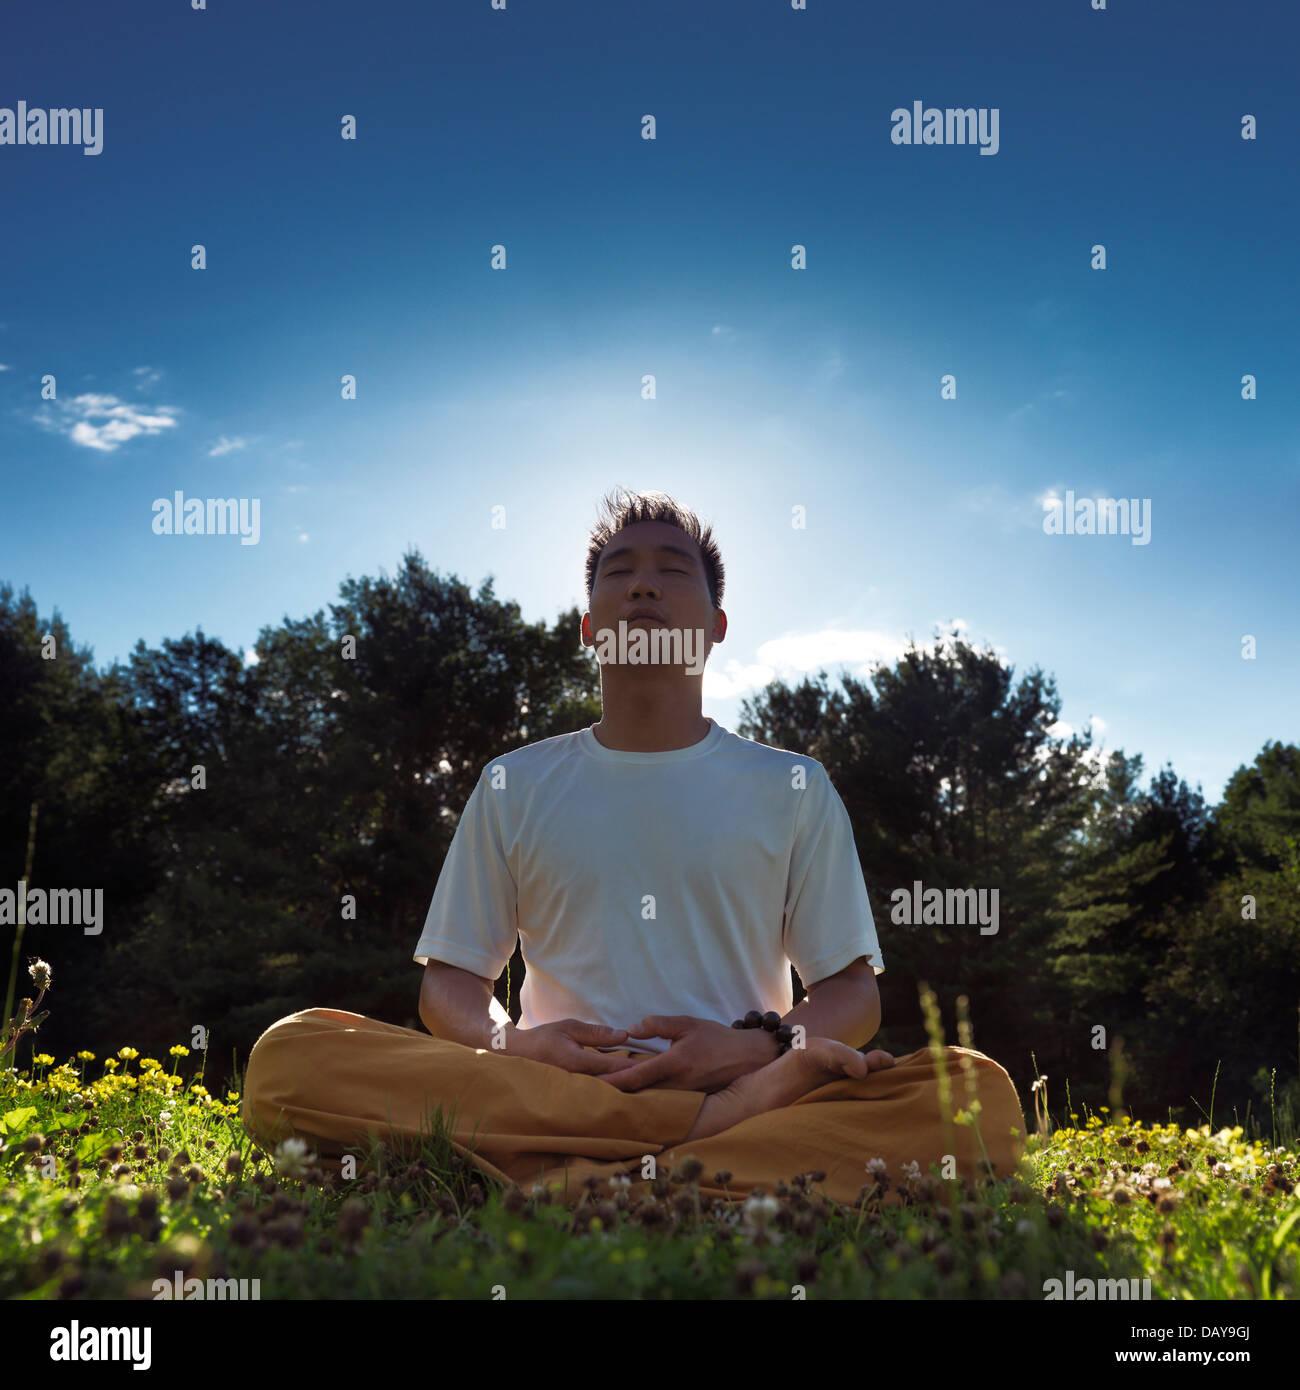 Chinese man meditating outdoors au lever du soleil, dans la nature, assis les jambes croisées sur l'herbe Photo Stock